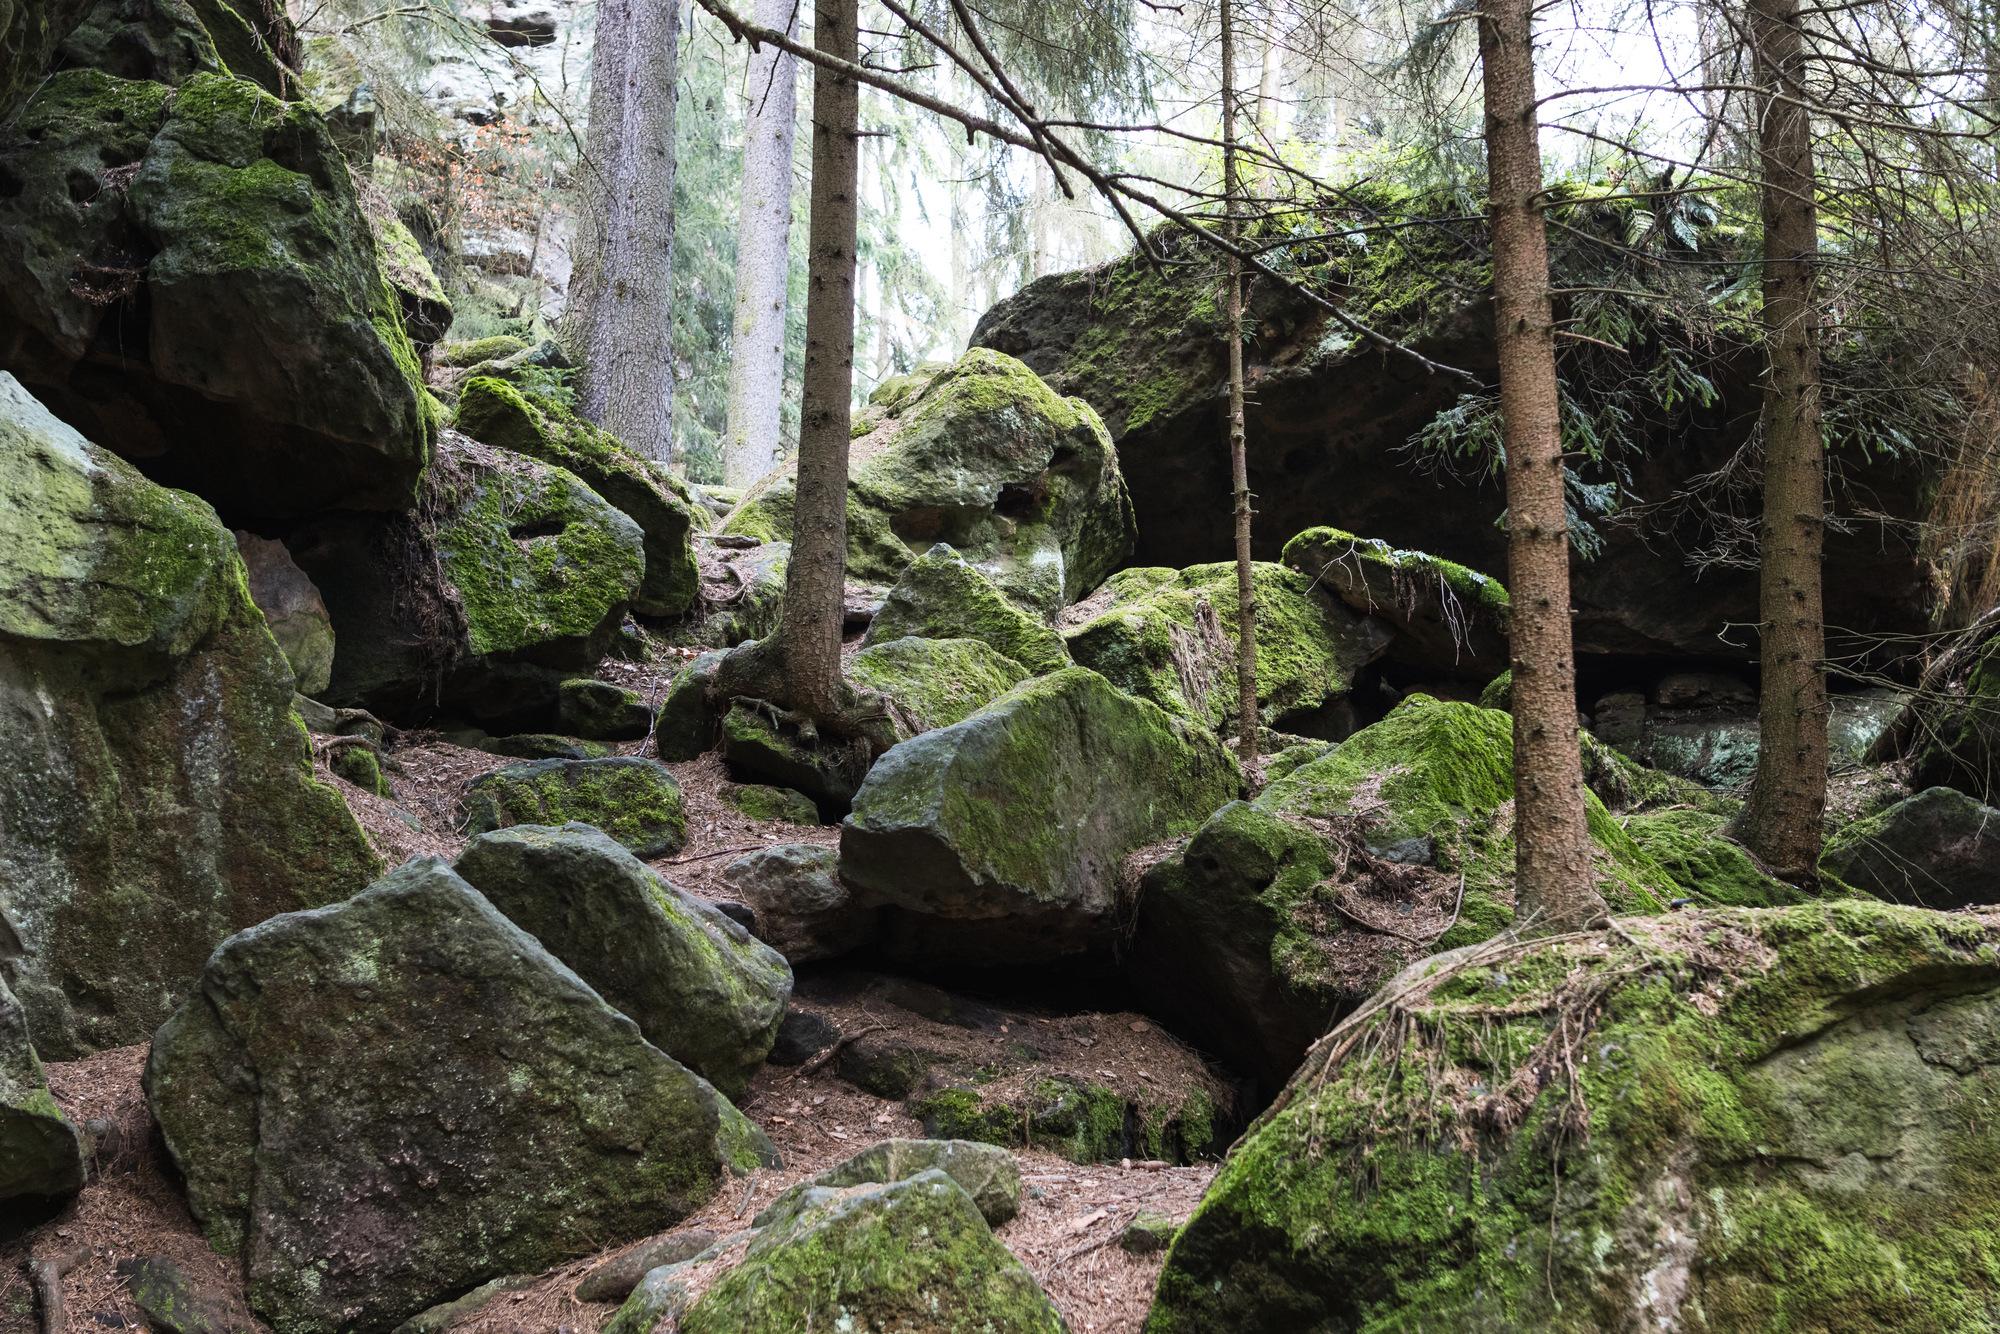 Verwunschene Wege rund um den Quirl